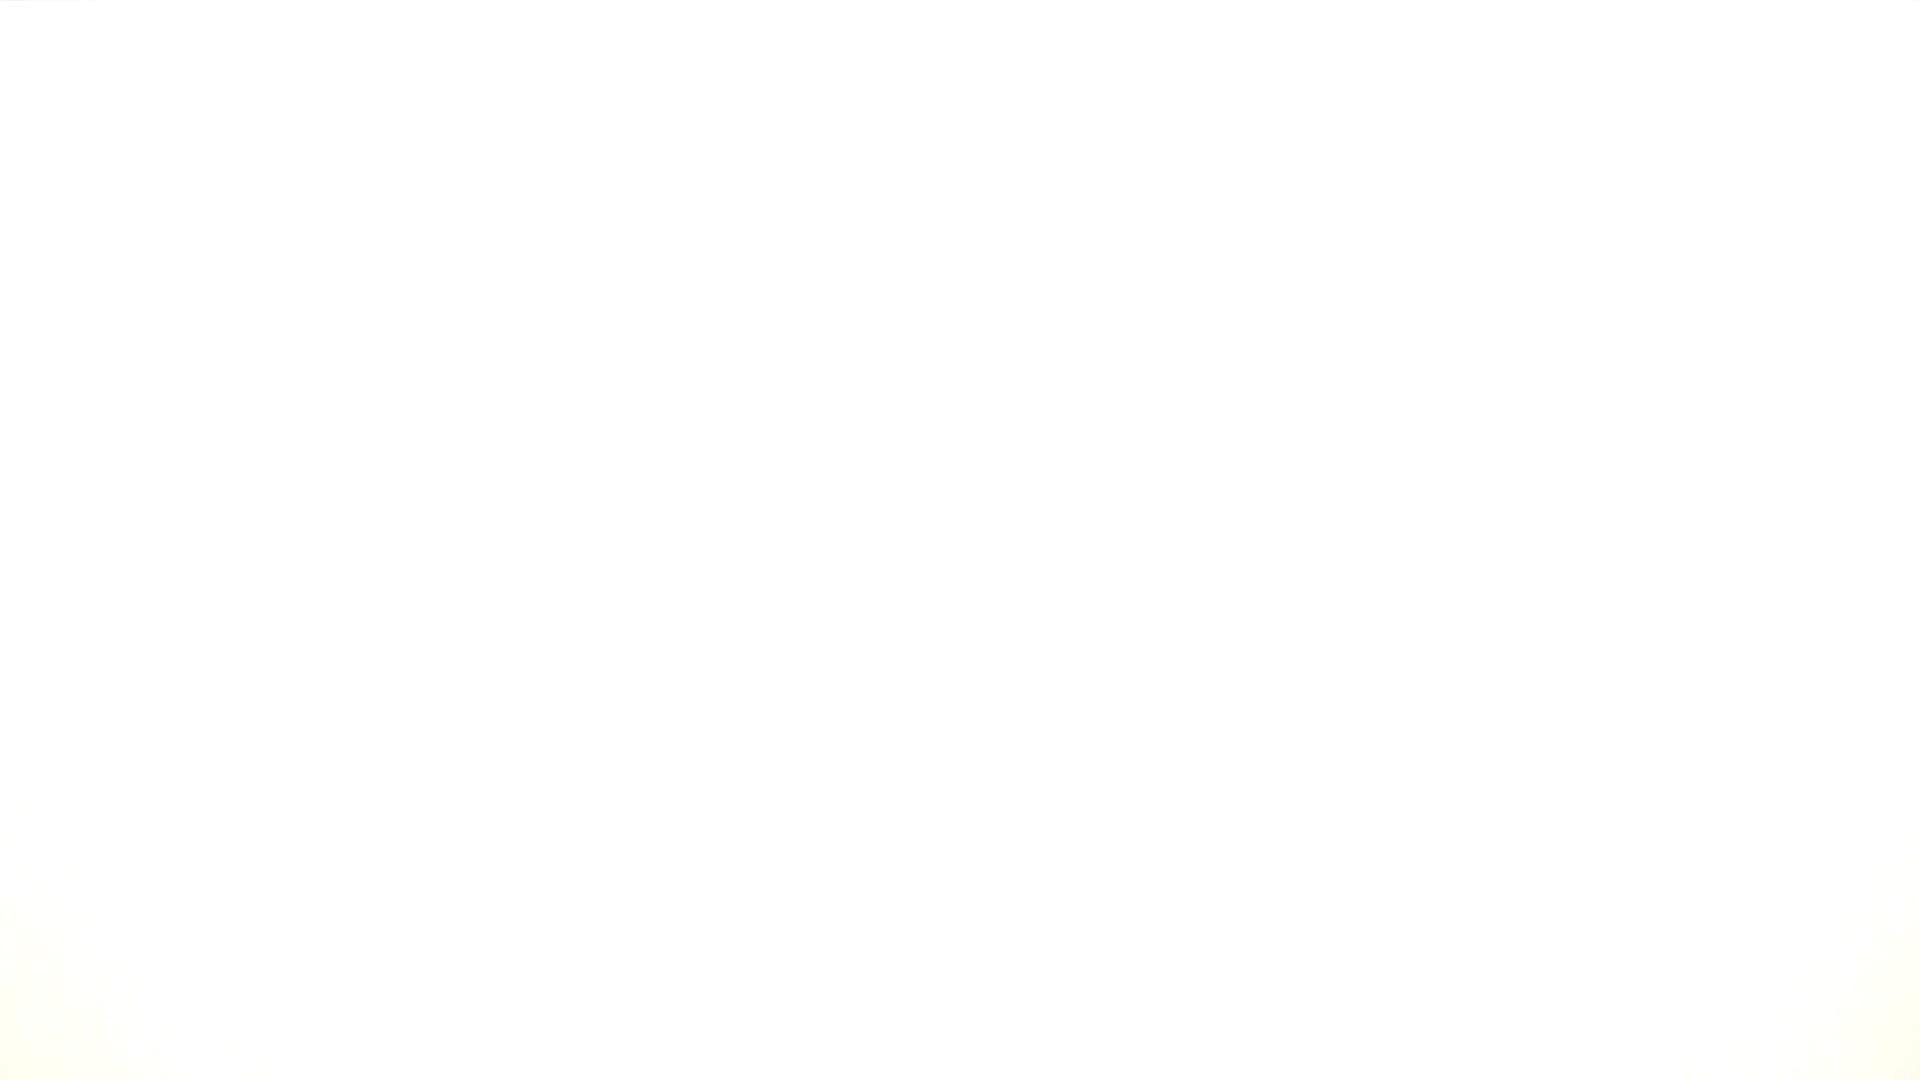 ※100個限定販売 至高下半身盗撮 プレミアム Vol.16 ハイビジョン 盗撮編 オマンコ無修正動画無料 97枚 41